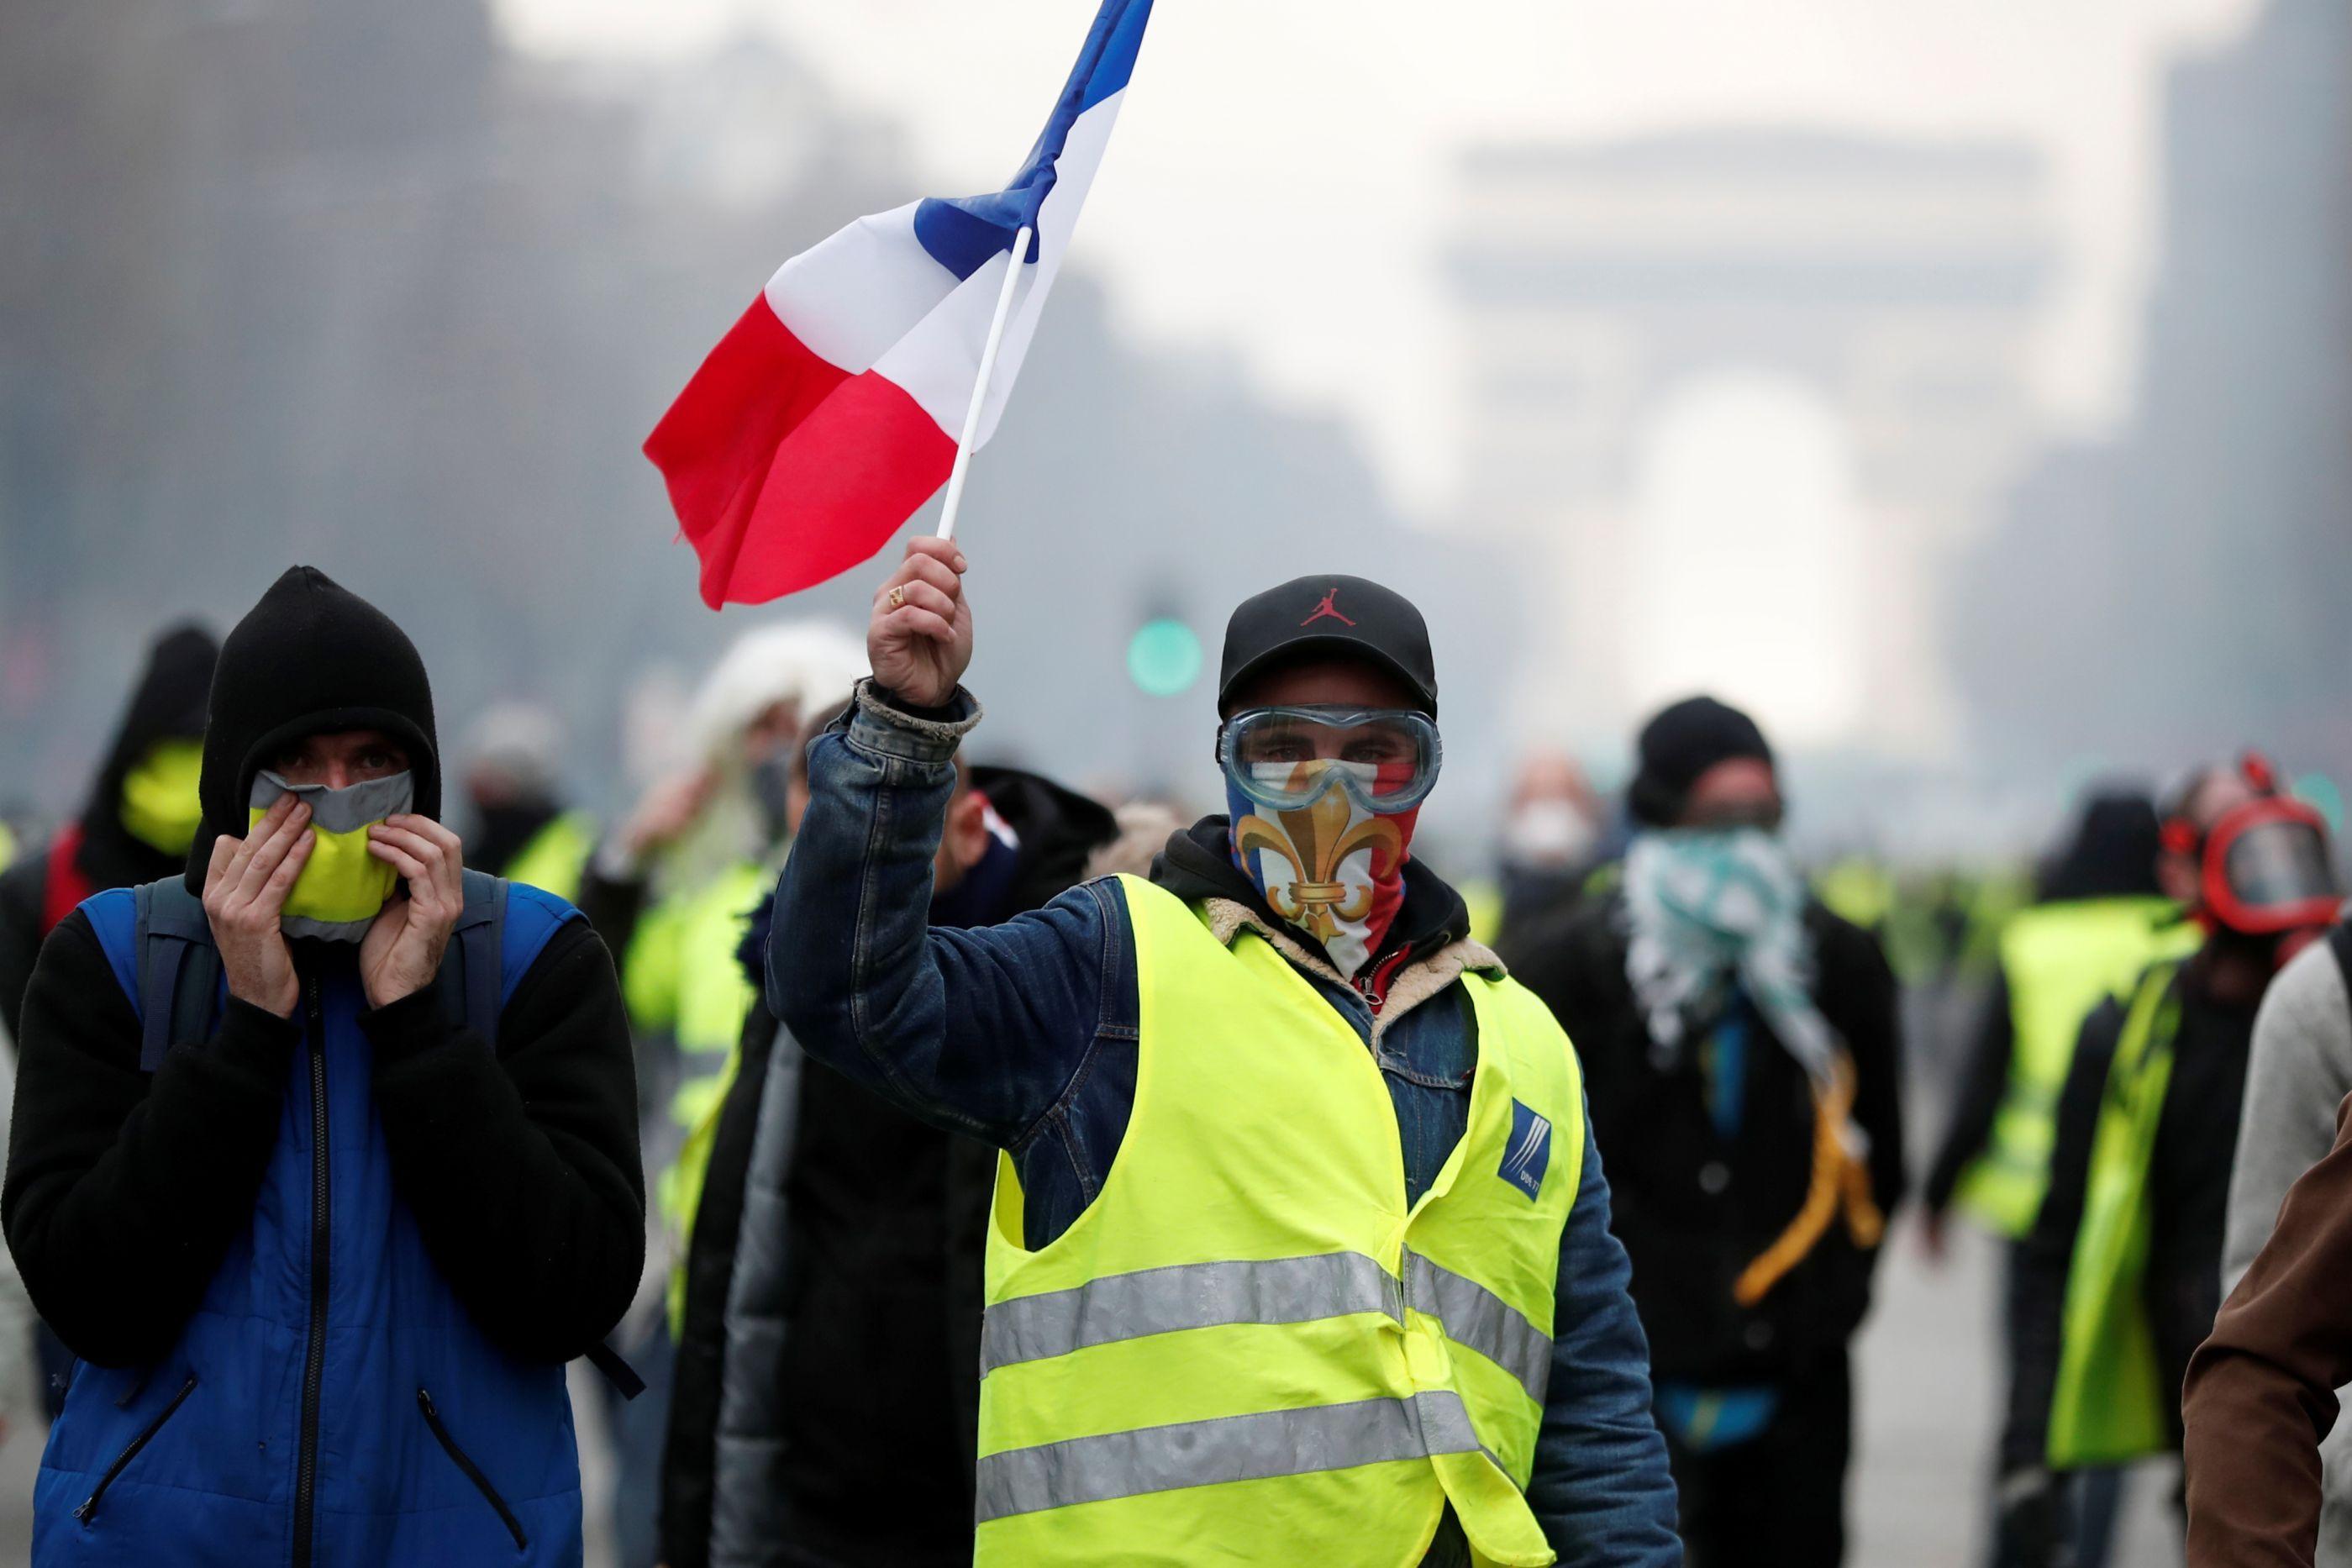 Tensão em Paris: 'Coletes amarelos' entram em confronto com a polícia